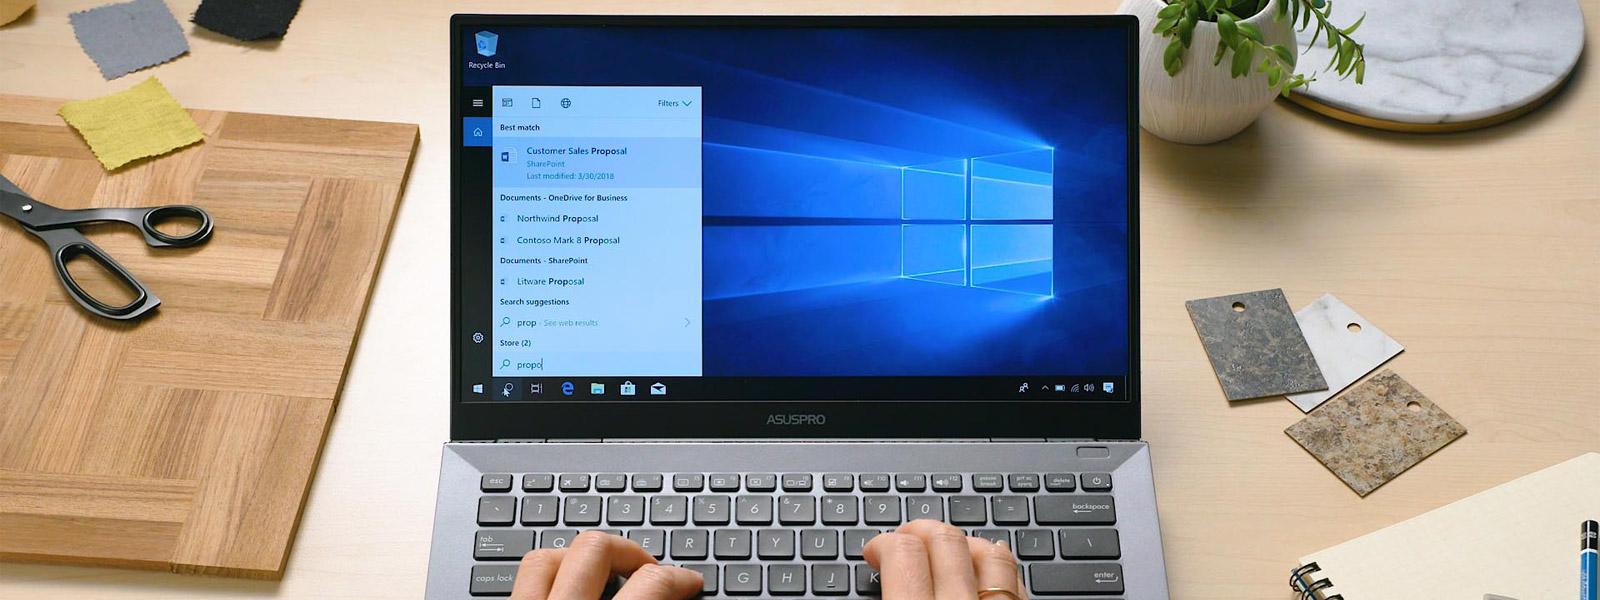 Ноутбук на столе с Поиском в корпоративной среде на экране